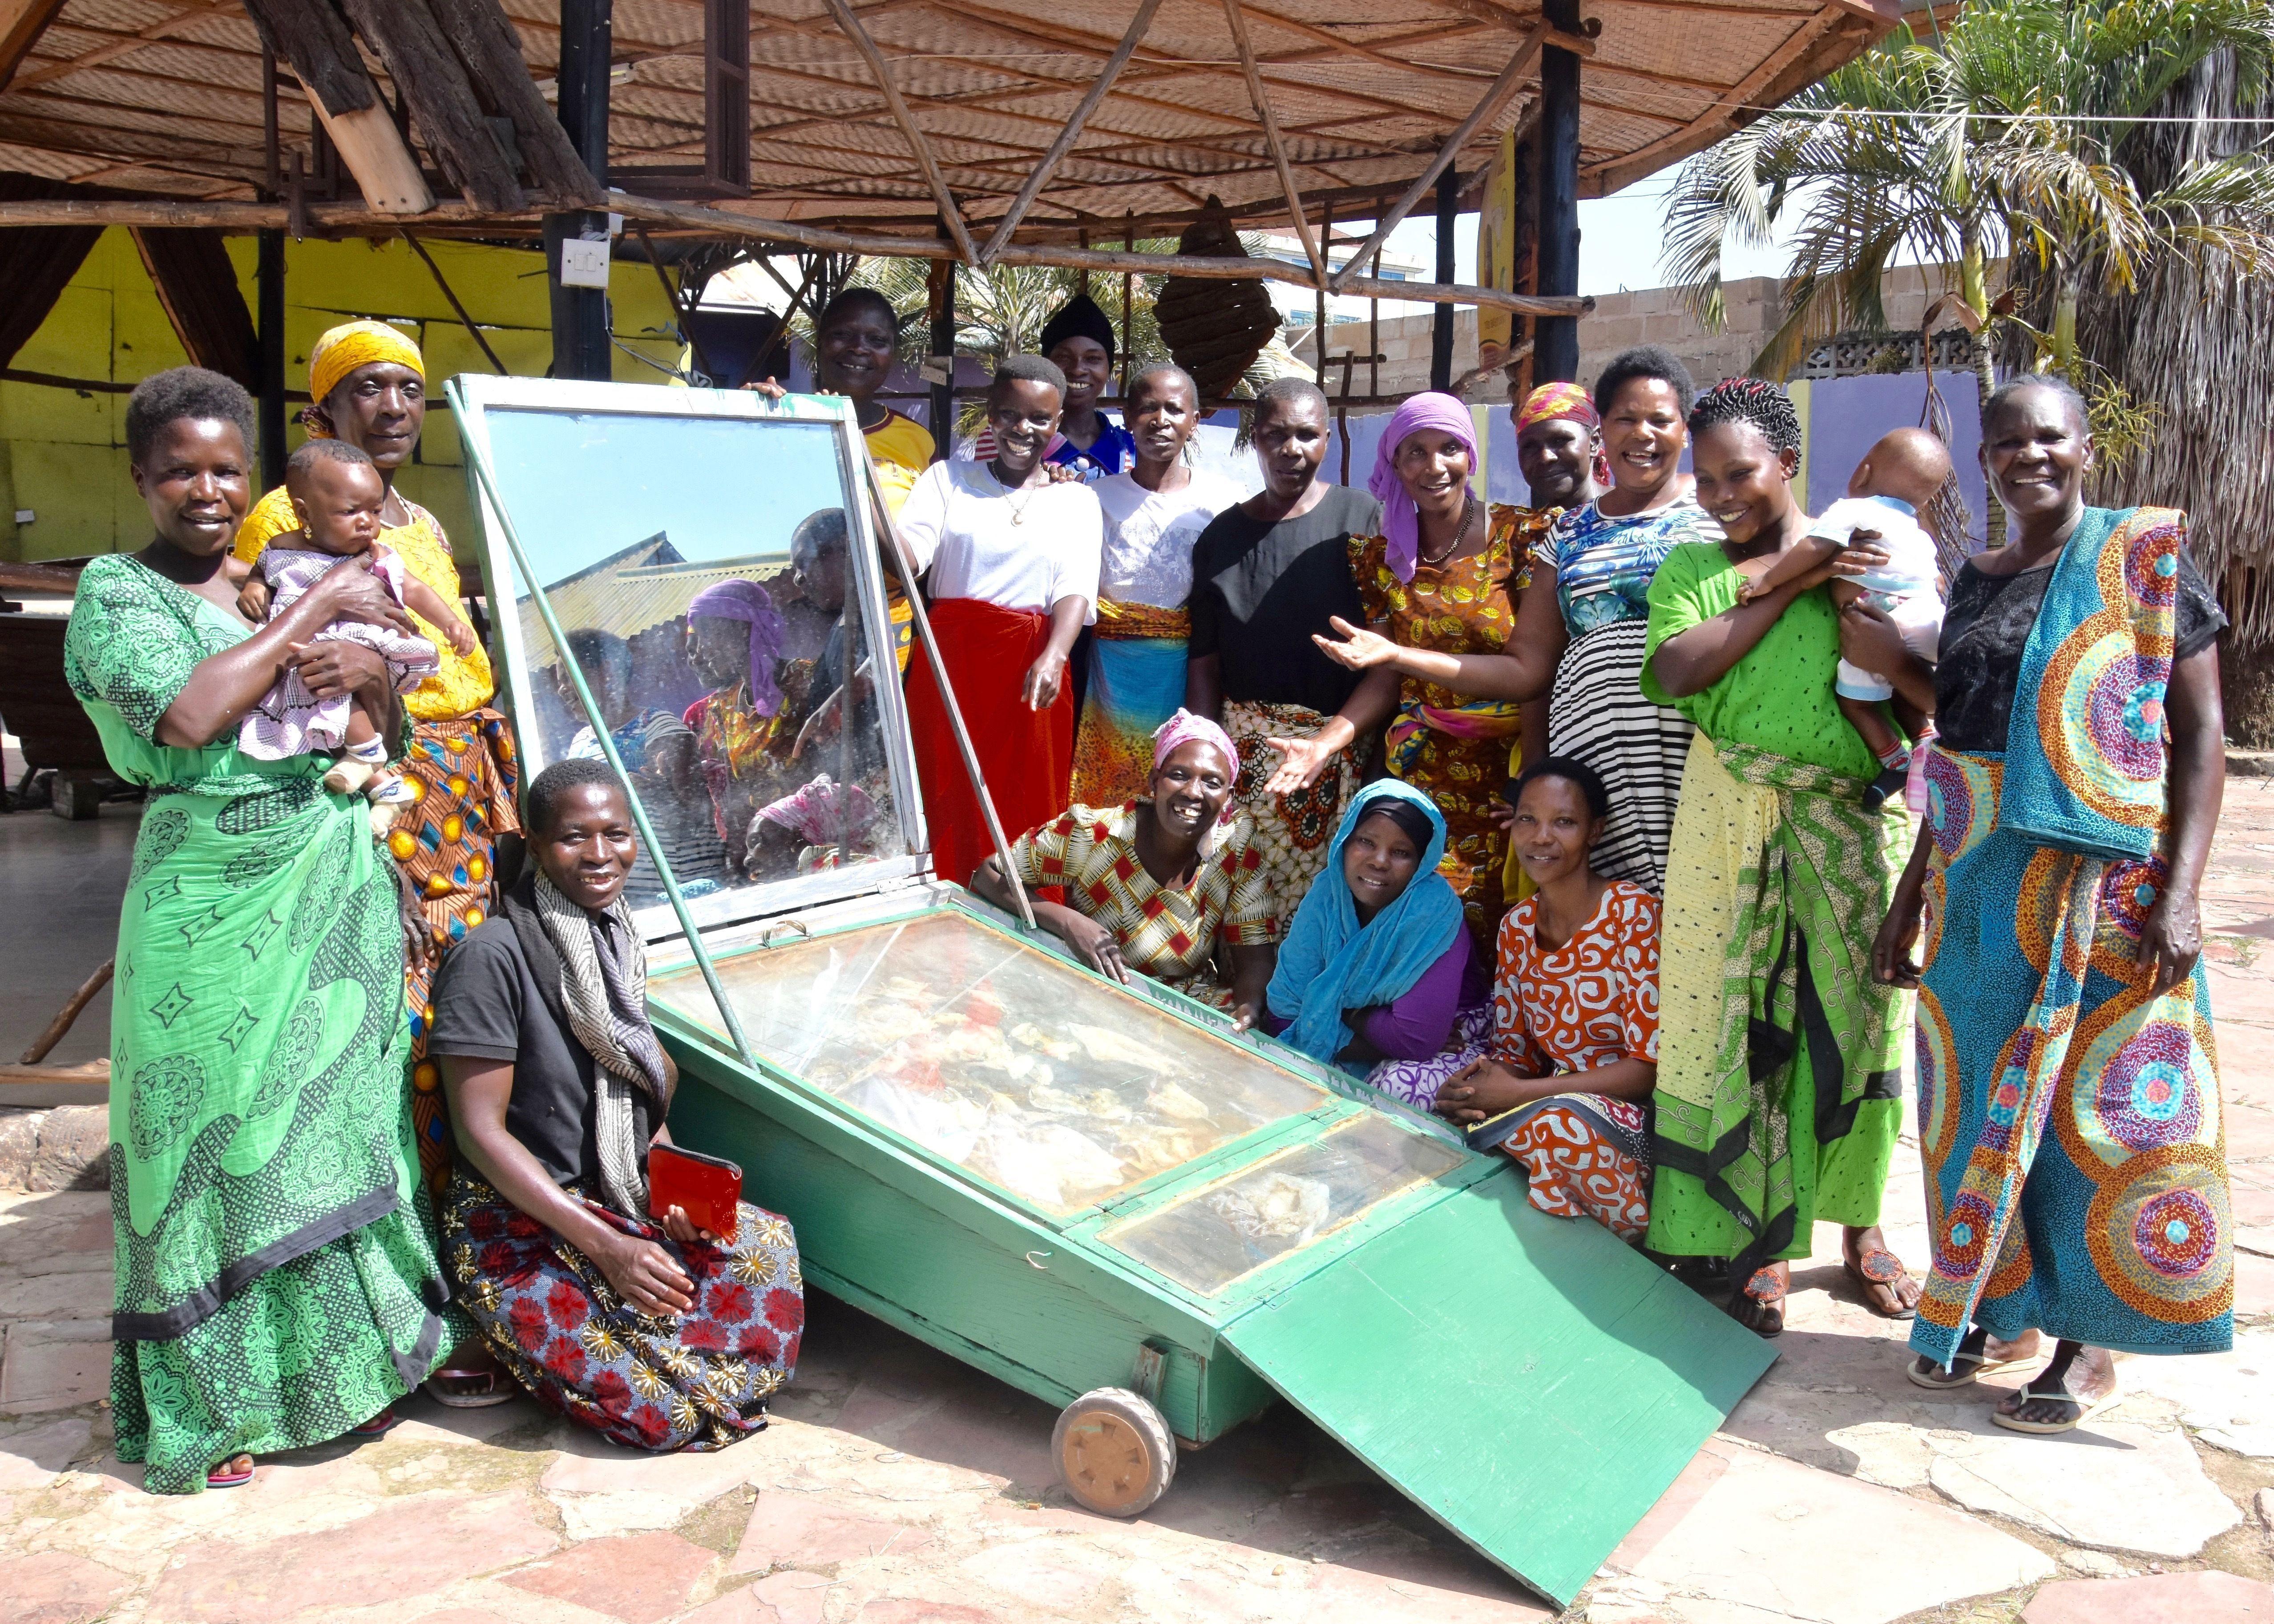 Solar Drying of Fish & Veggies